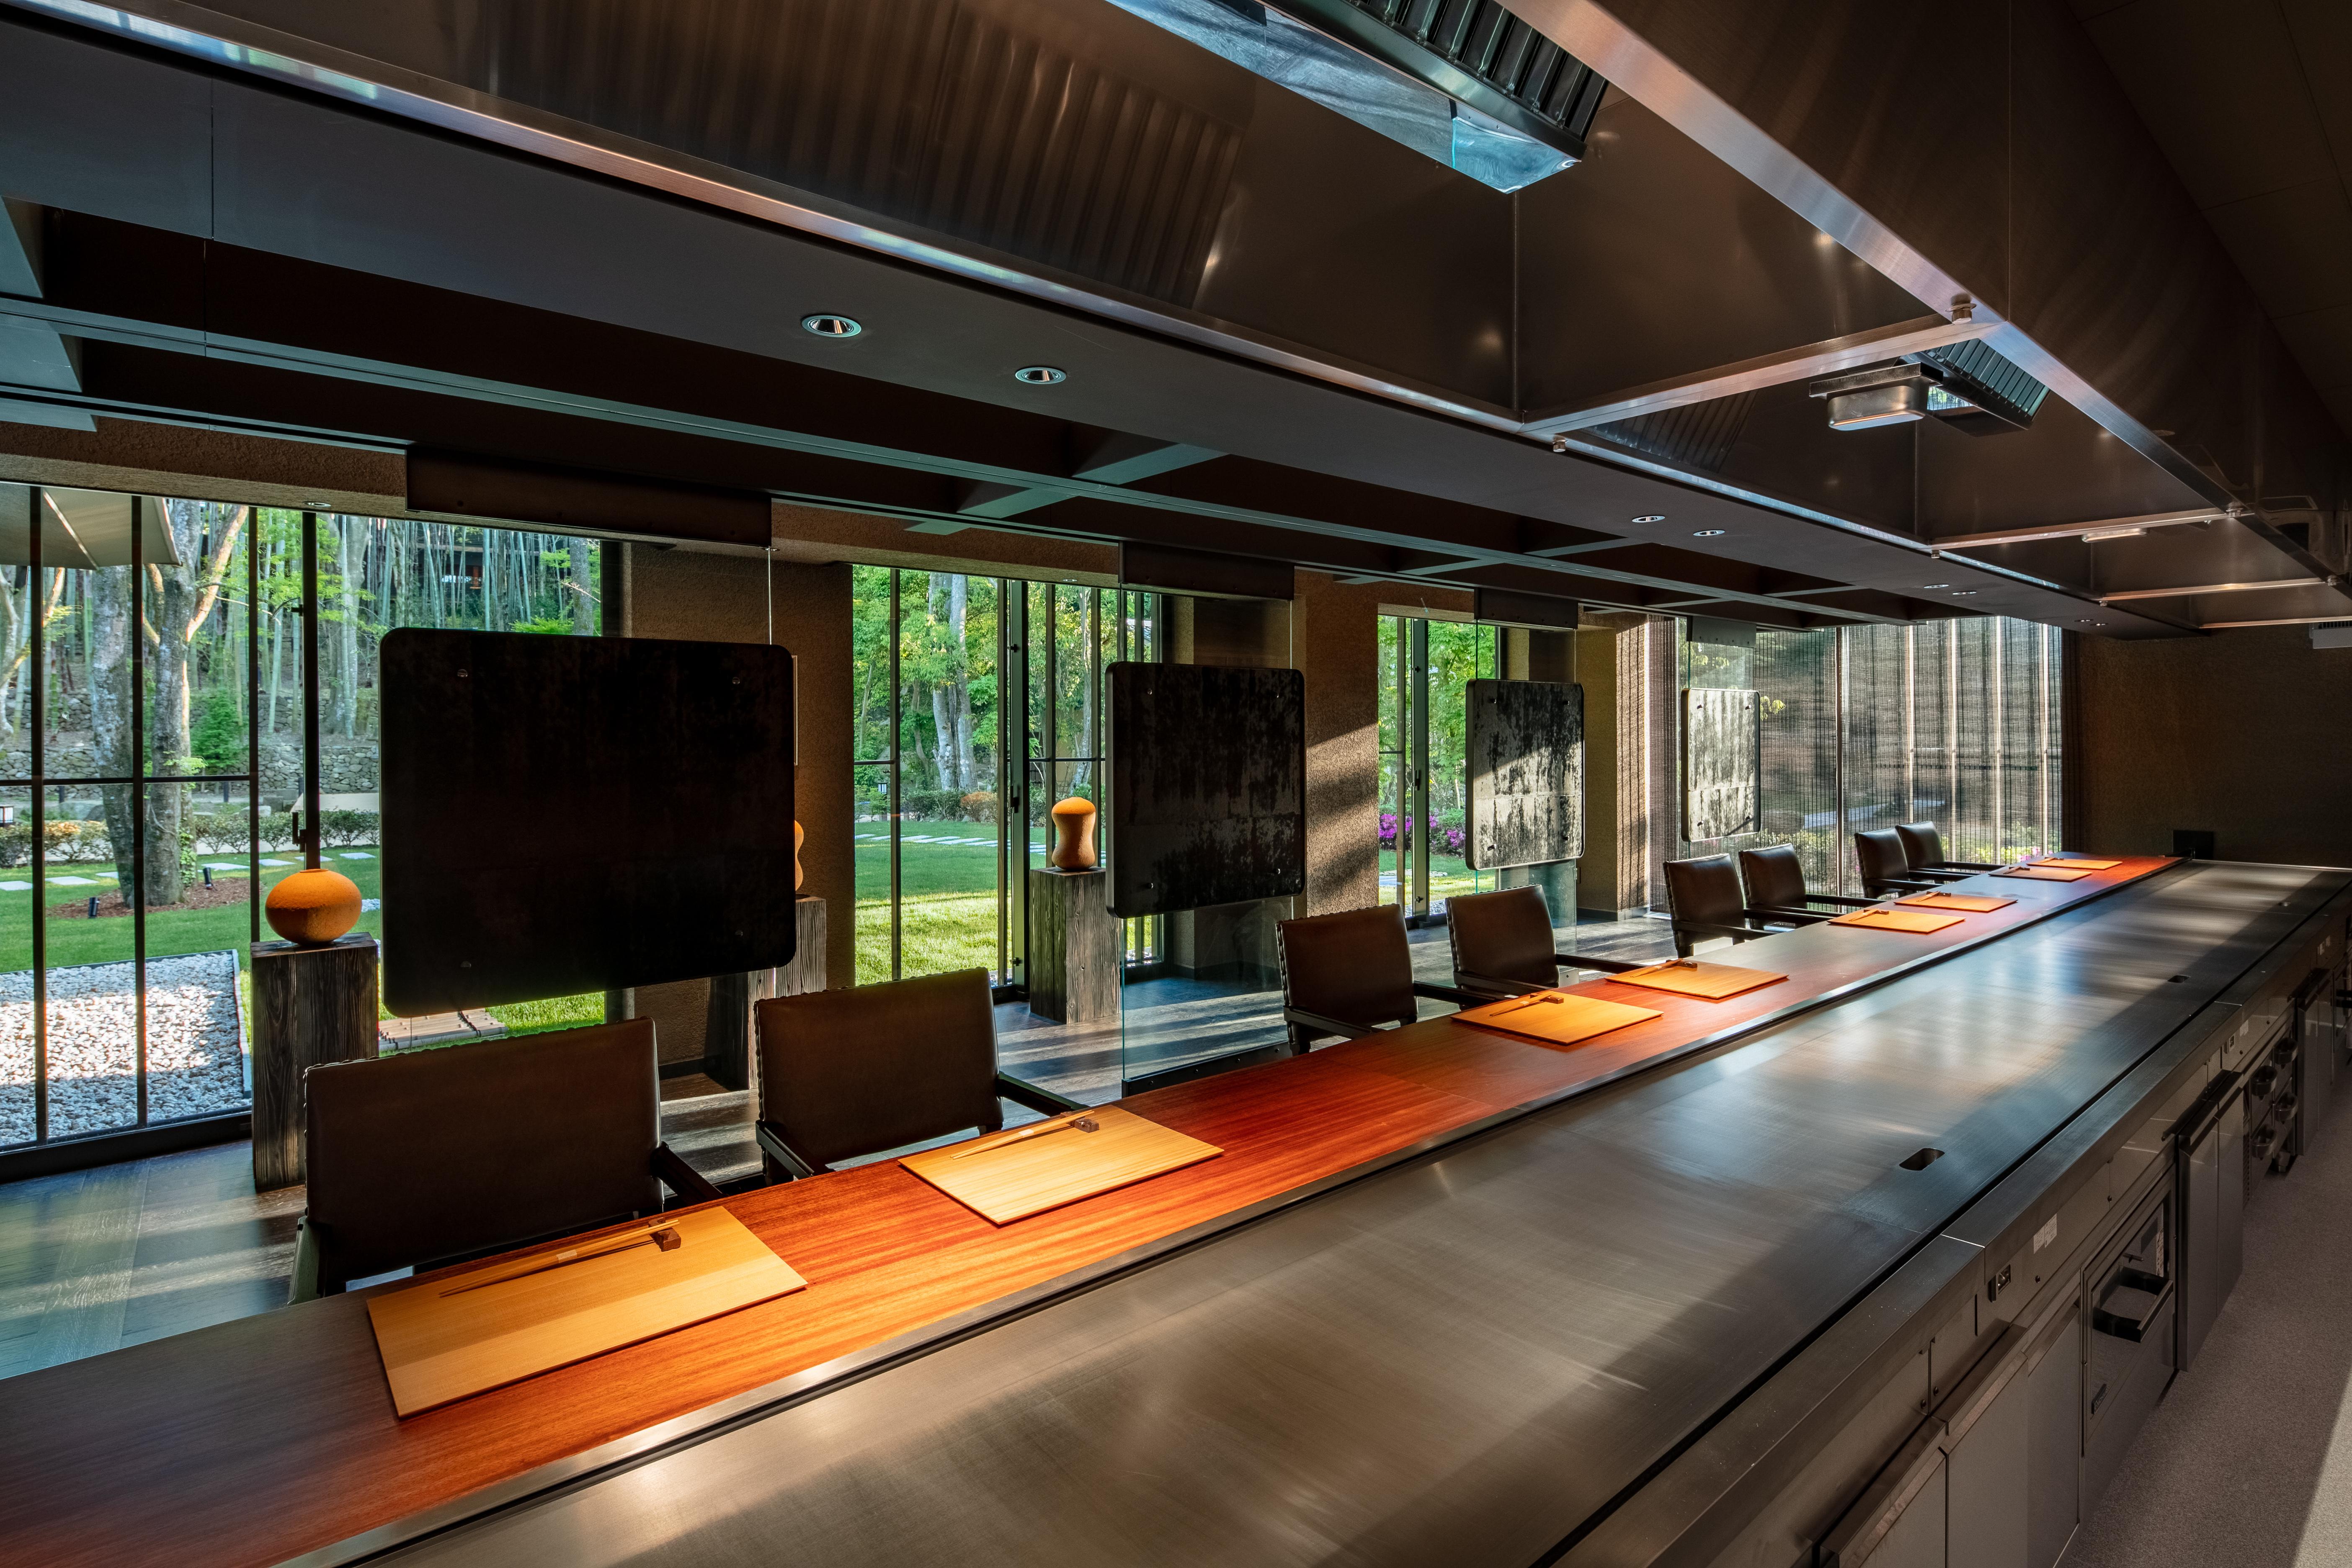 ふふ 奈良は奈良公園内のラグジュアリーホテル!人気の温泉や客室をご紹介!